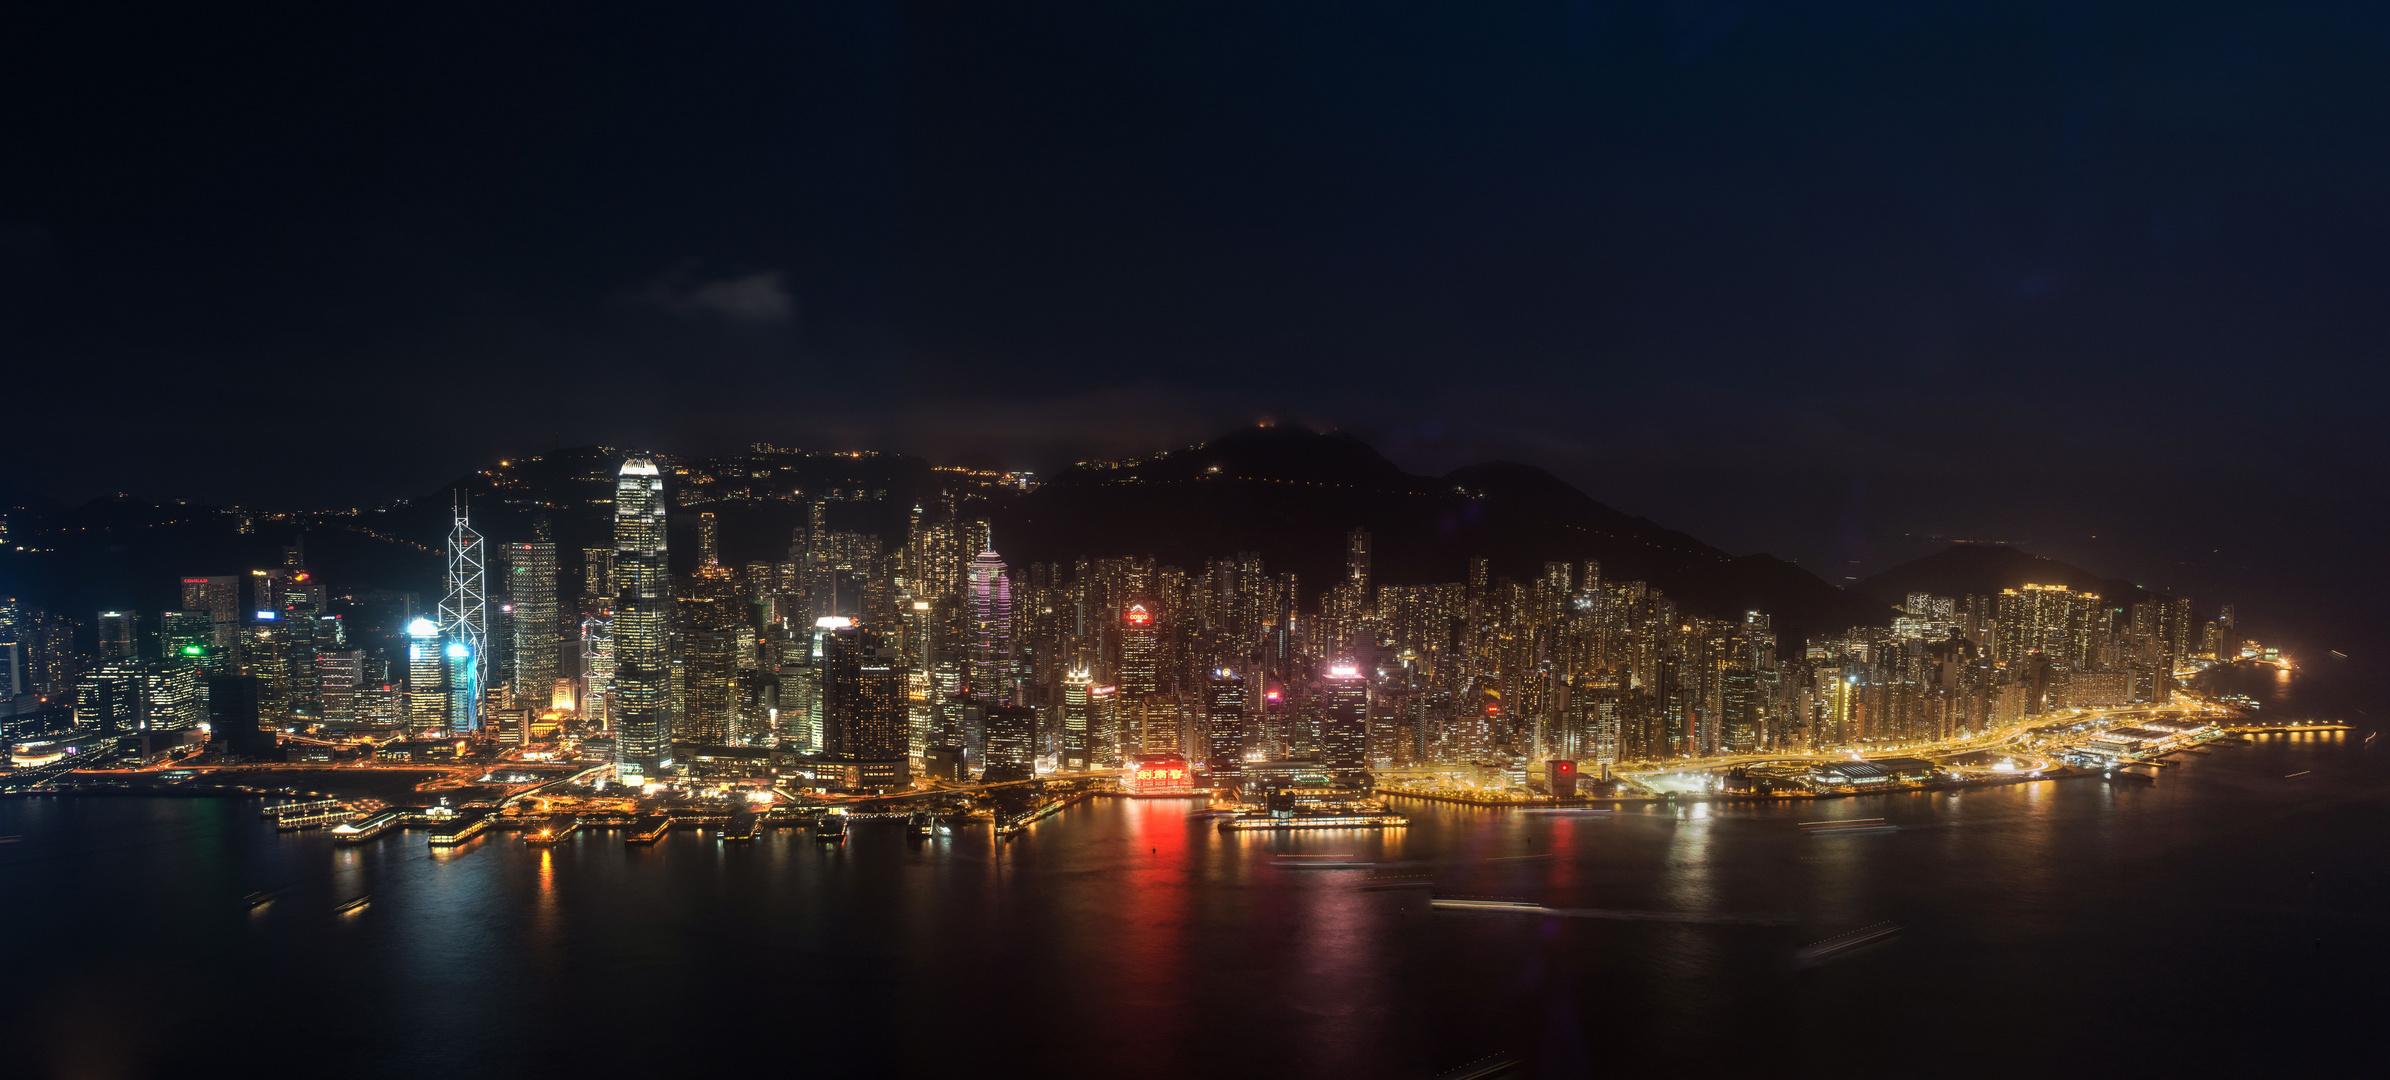 Lichtermeer Hong Kong Island